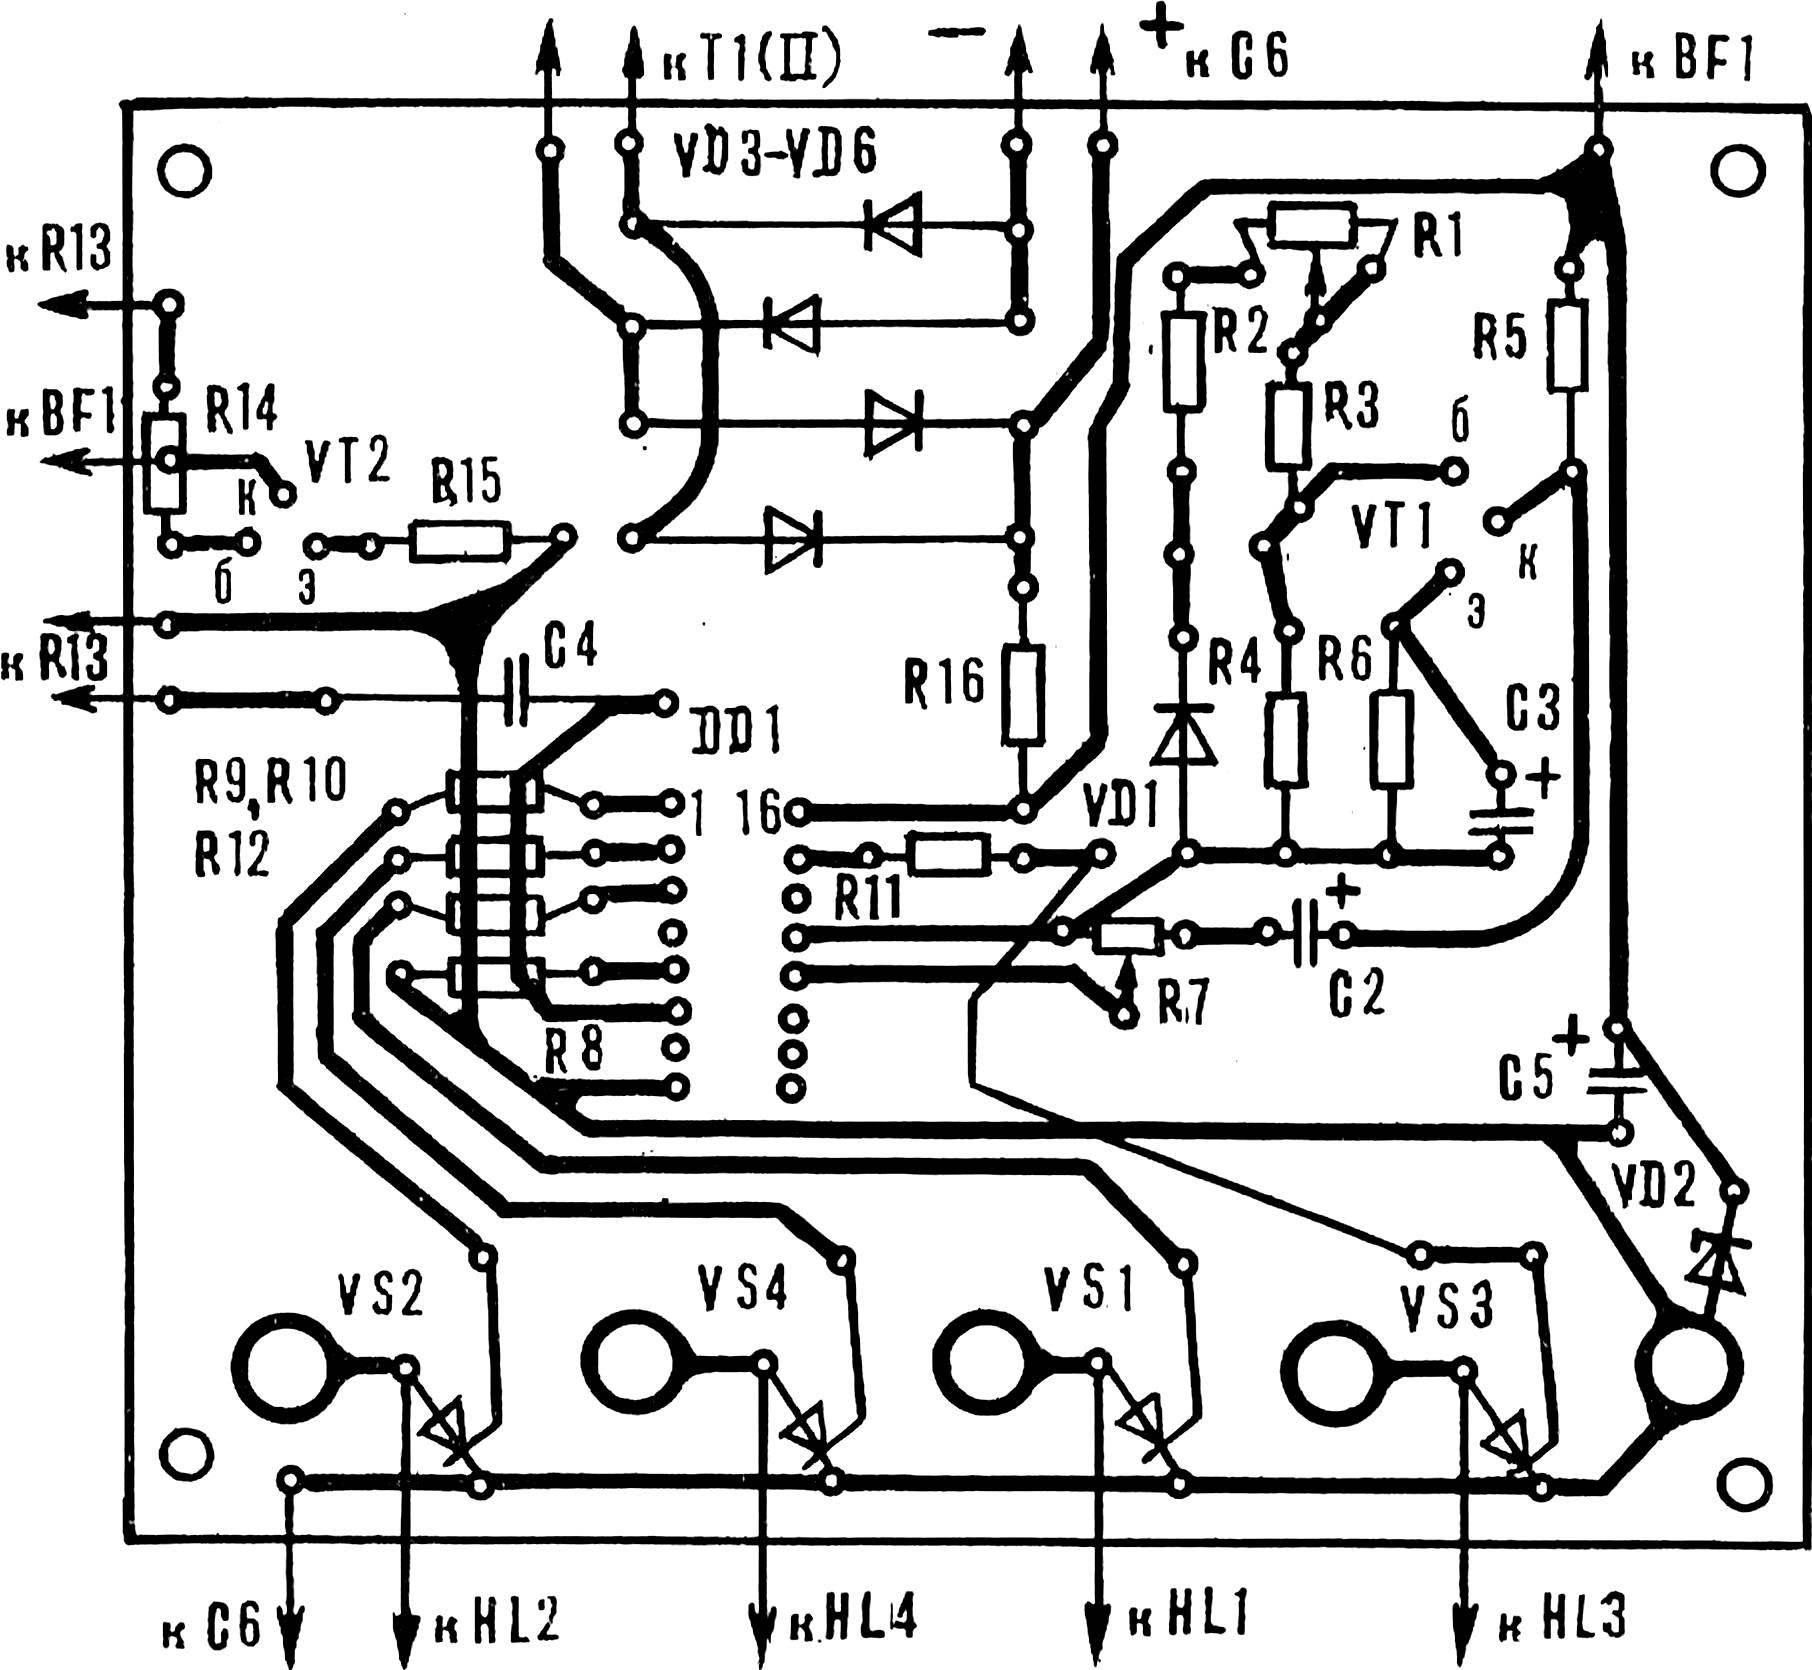 Монтажная плата устройства со схемой расположения элементов.